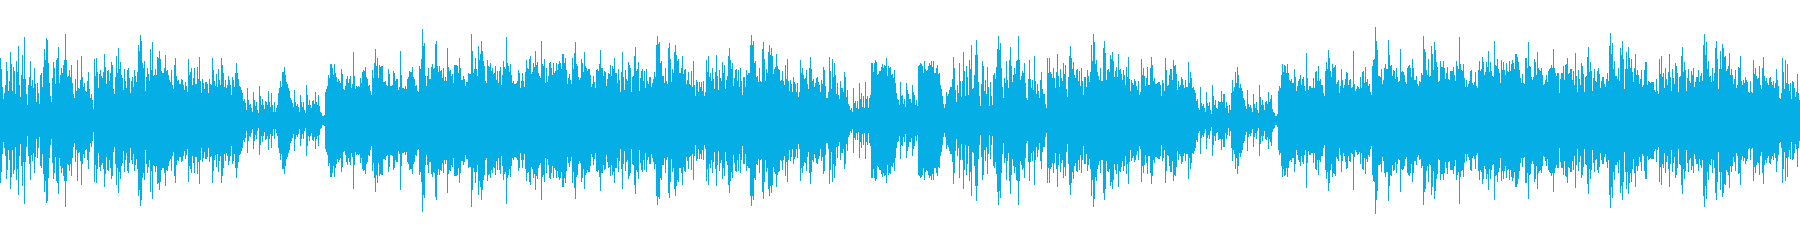 琴和太鼓ポップで和風楽曲ループ京都の再生済みの波形